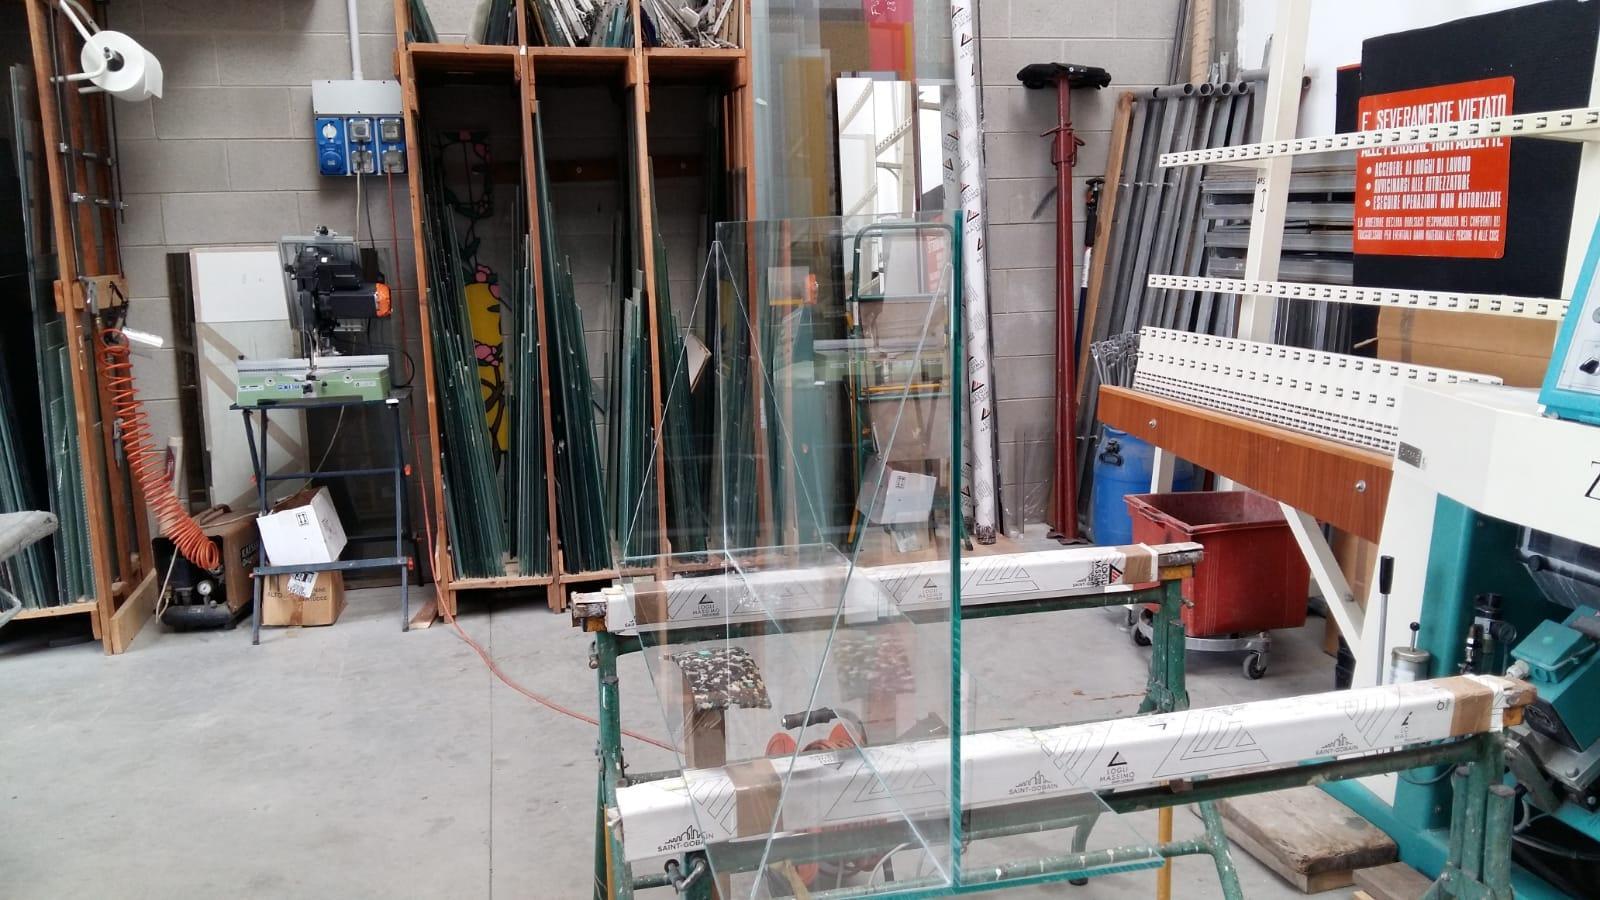 barriera antisputo in vetro in costruzione